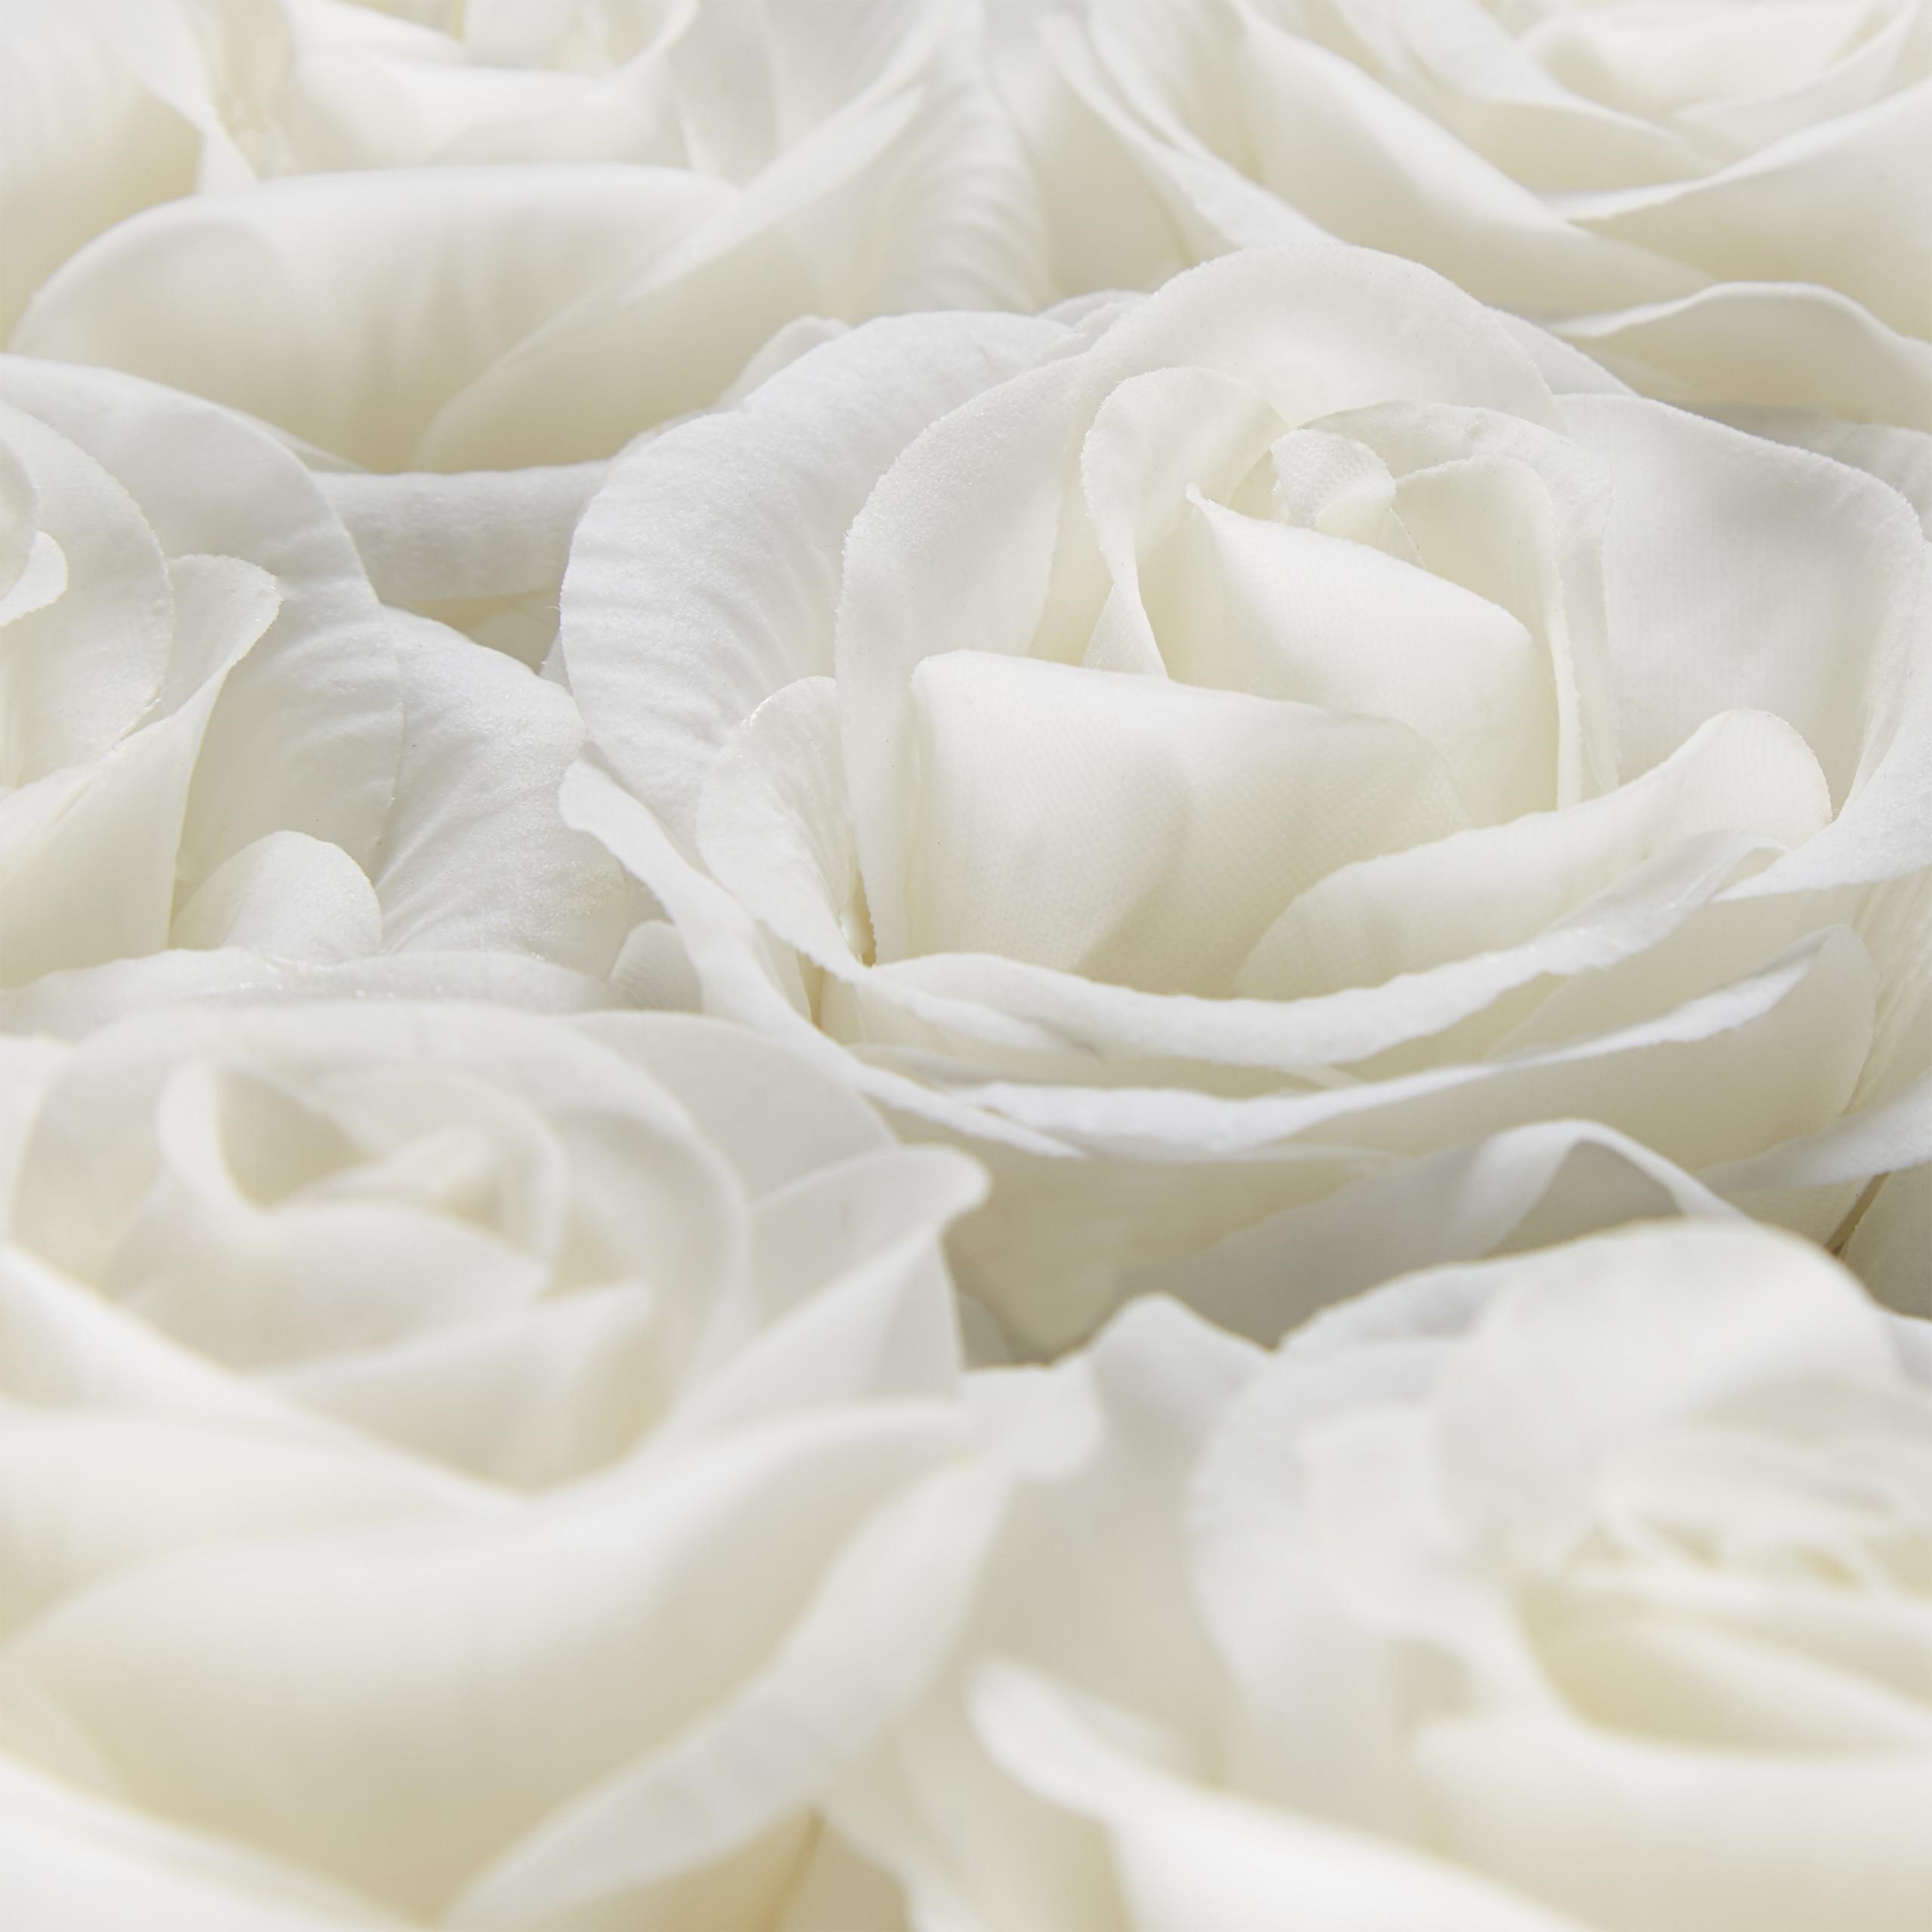 Rosenbox-Flowerbox-Ewige-Rosen-Blumenbox-49-Kunstblumen-eckig-Deko-Valentinstag Indexbild 24